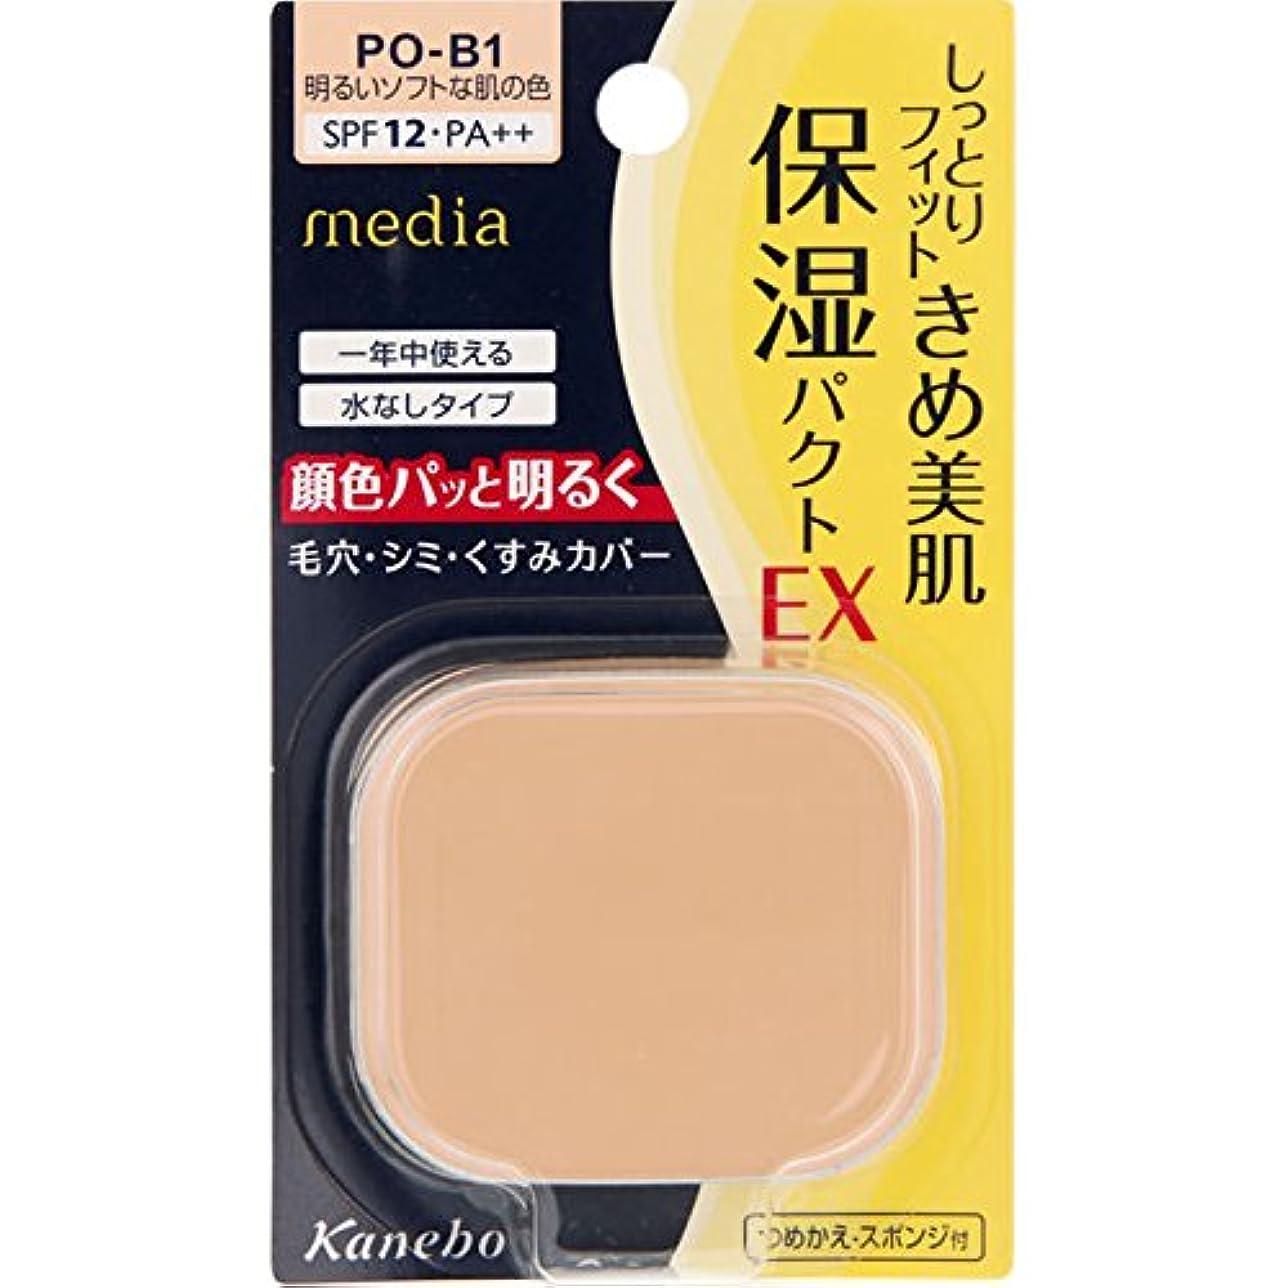 うなるナイトスポット普及カネボウ メディア モイストフィットパクトEX<つめかえ> PO-B1(11g)